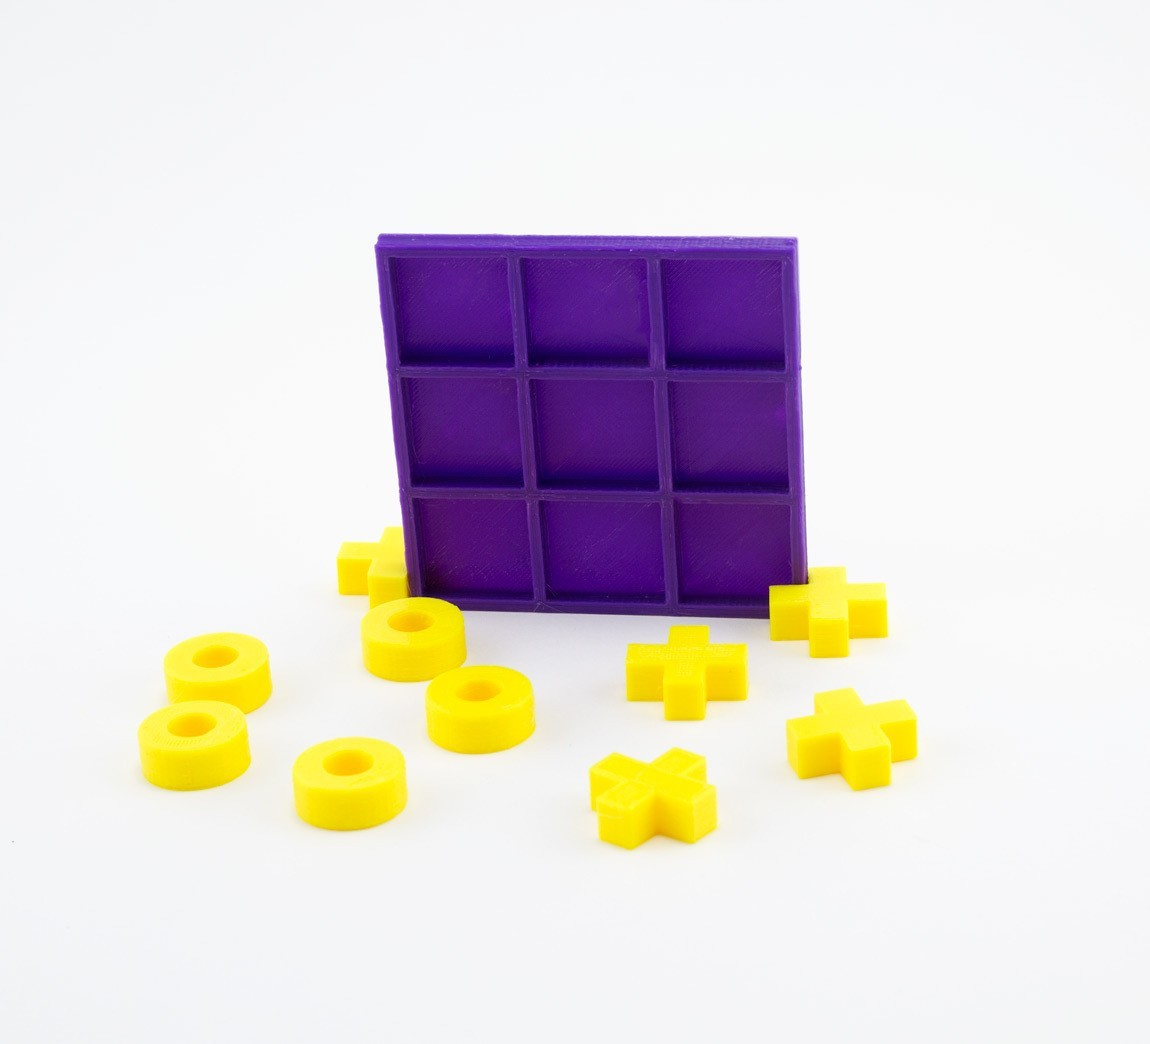 8bf1a116fb323d1c4b440998994d330c_1444428957795_NMD000095c.jpg Download free STL file Tic-Tac-Toe • Template to 3D print, FerryTeacher